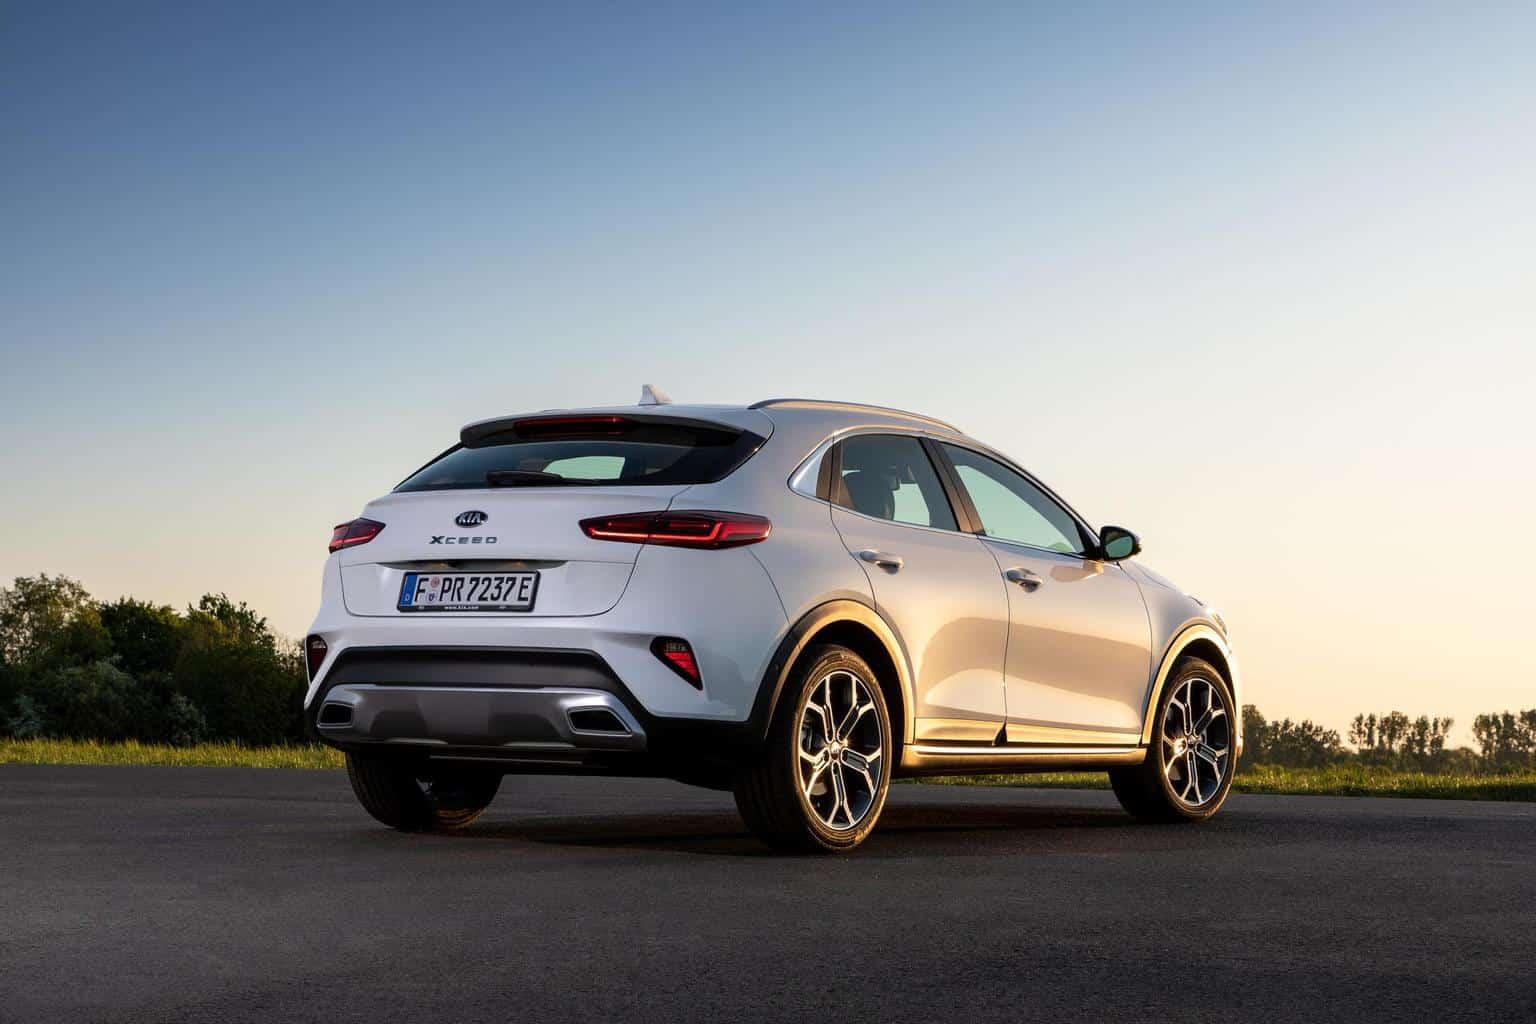 KIA: Bereits jeder vierte Neuwagen der Marke mit elektrifiziertem Antrieb